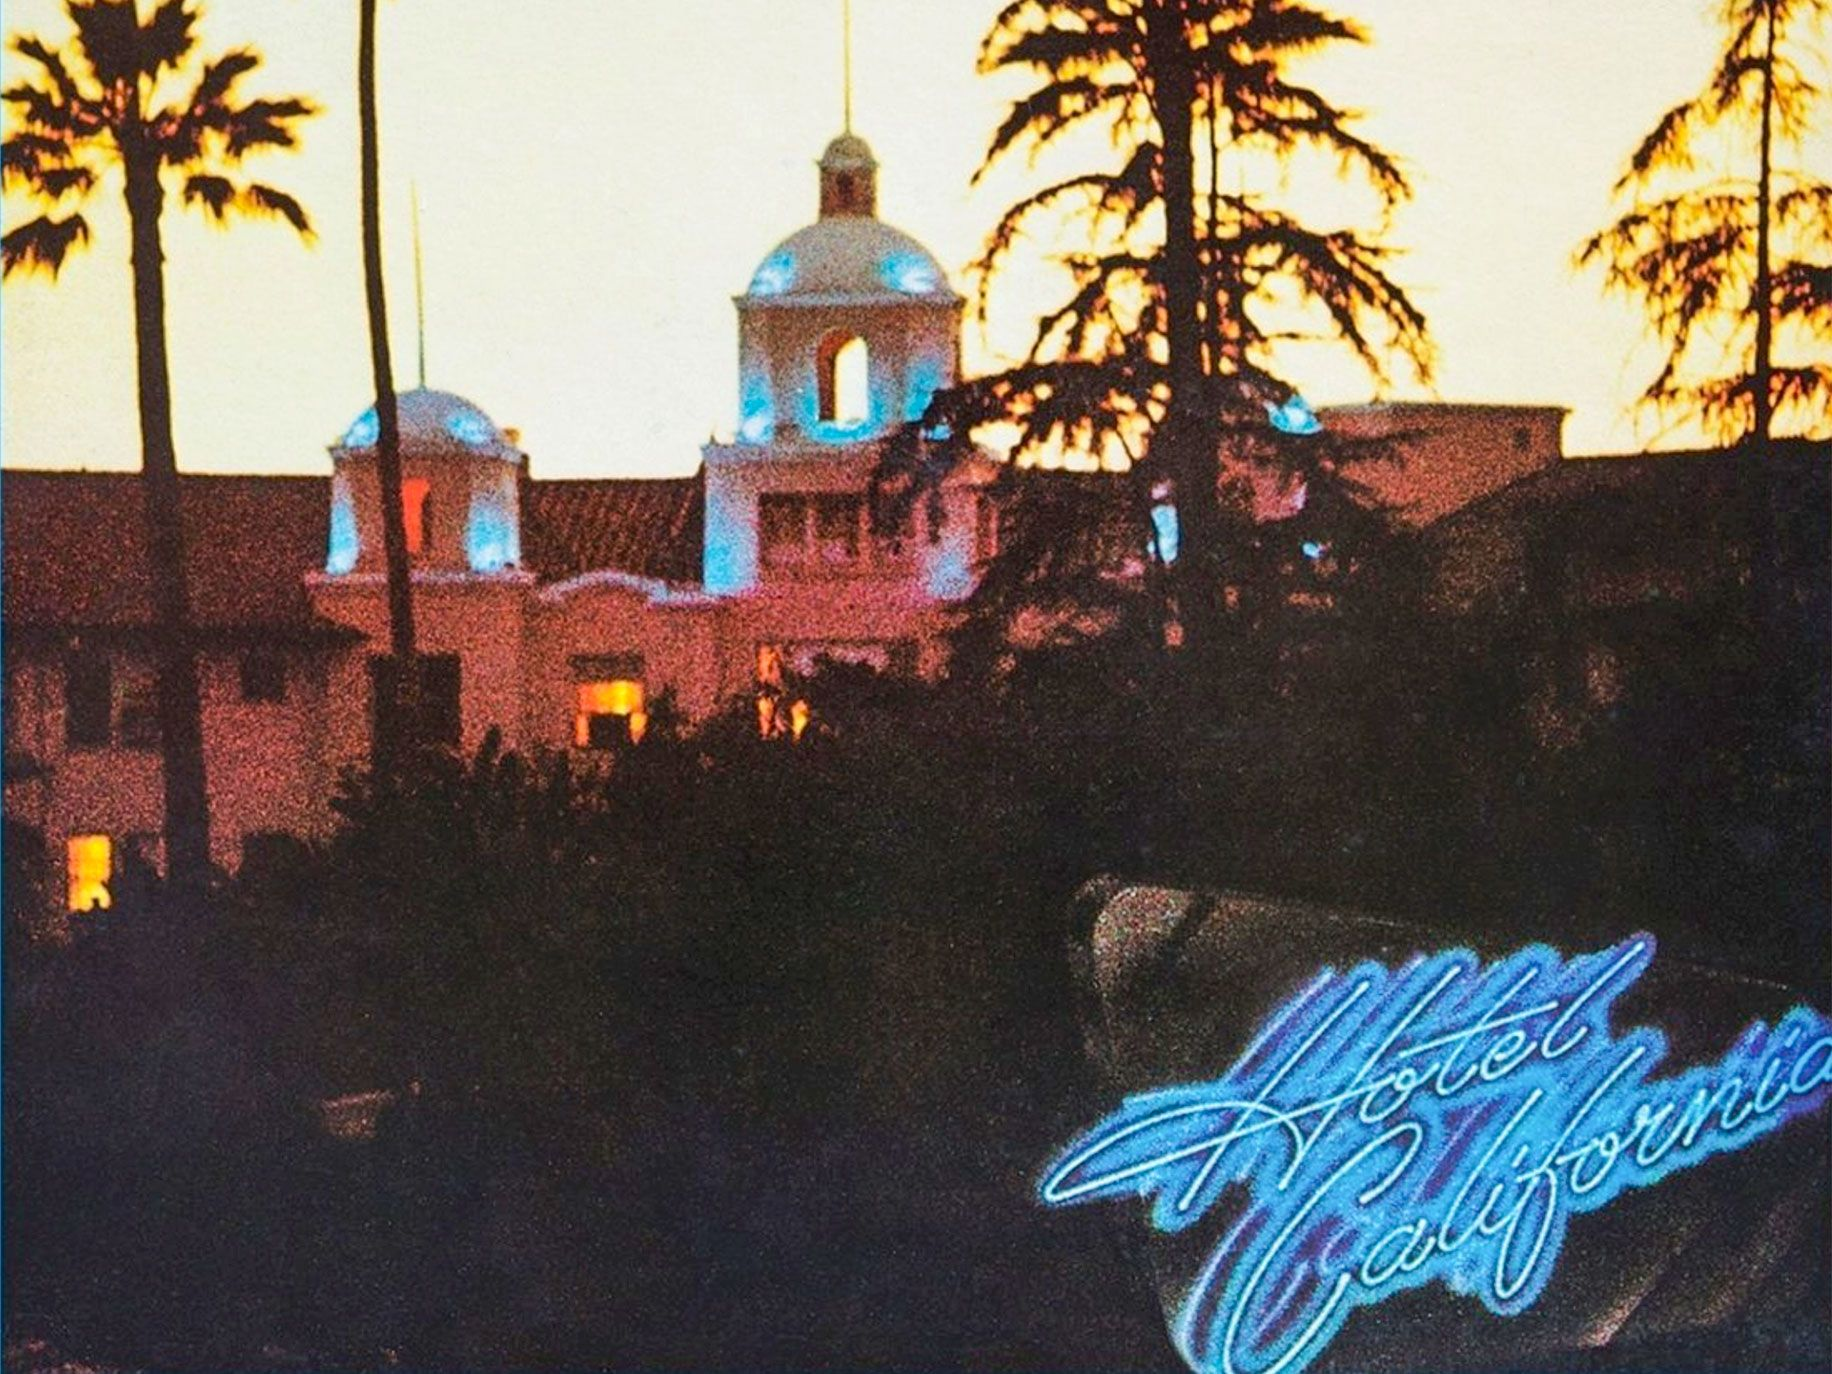 Hotel California Album Cover